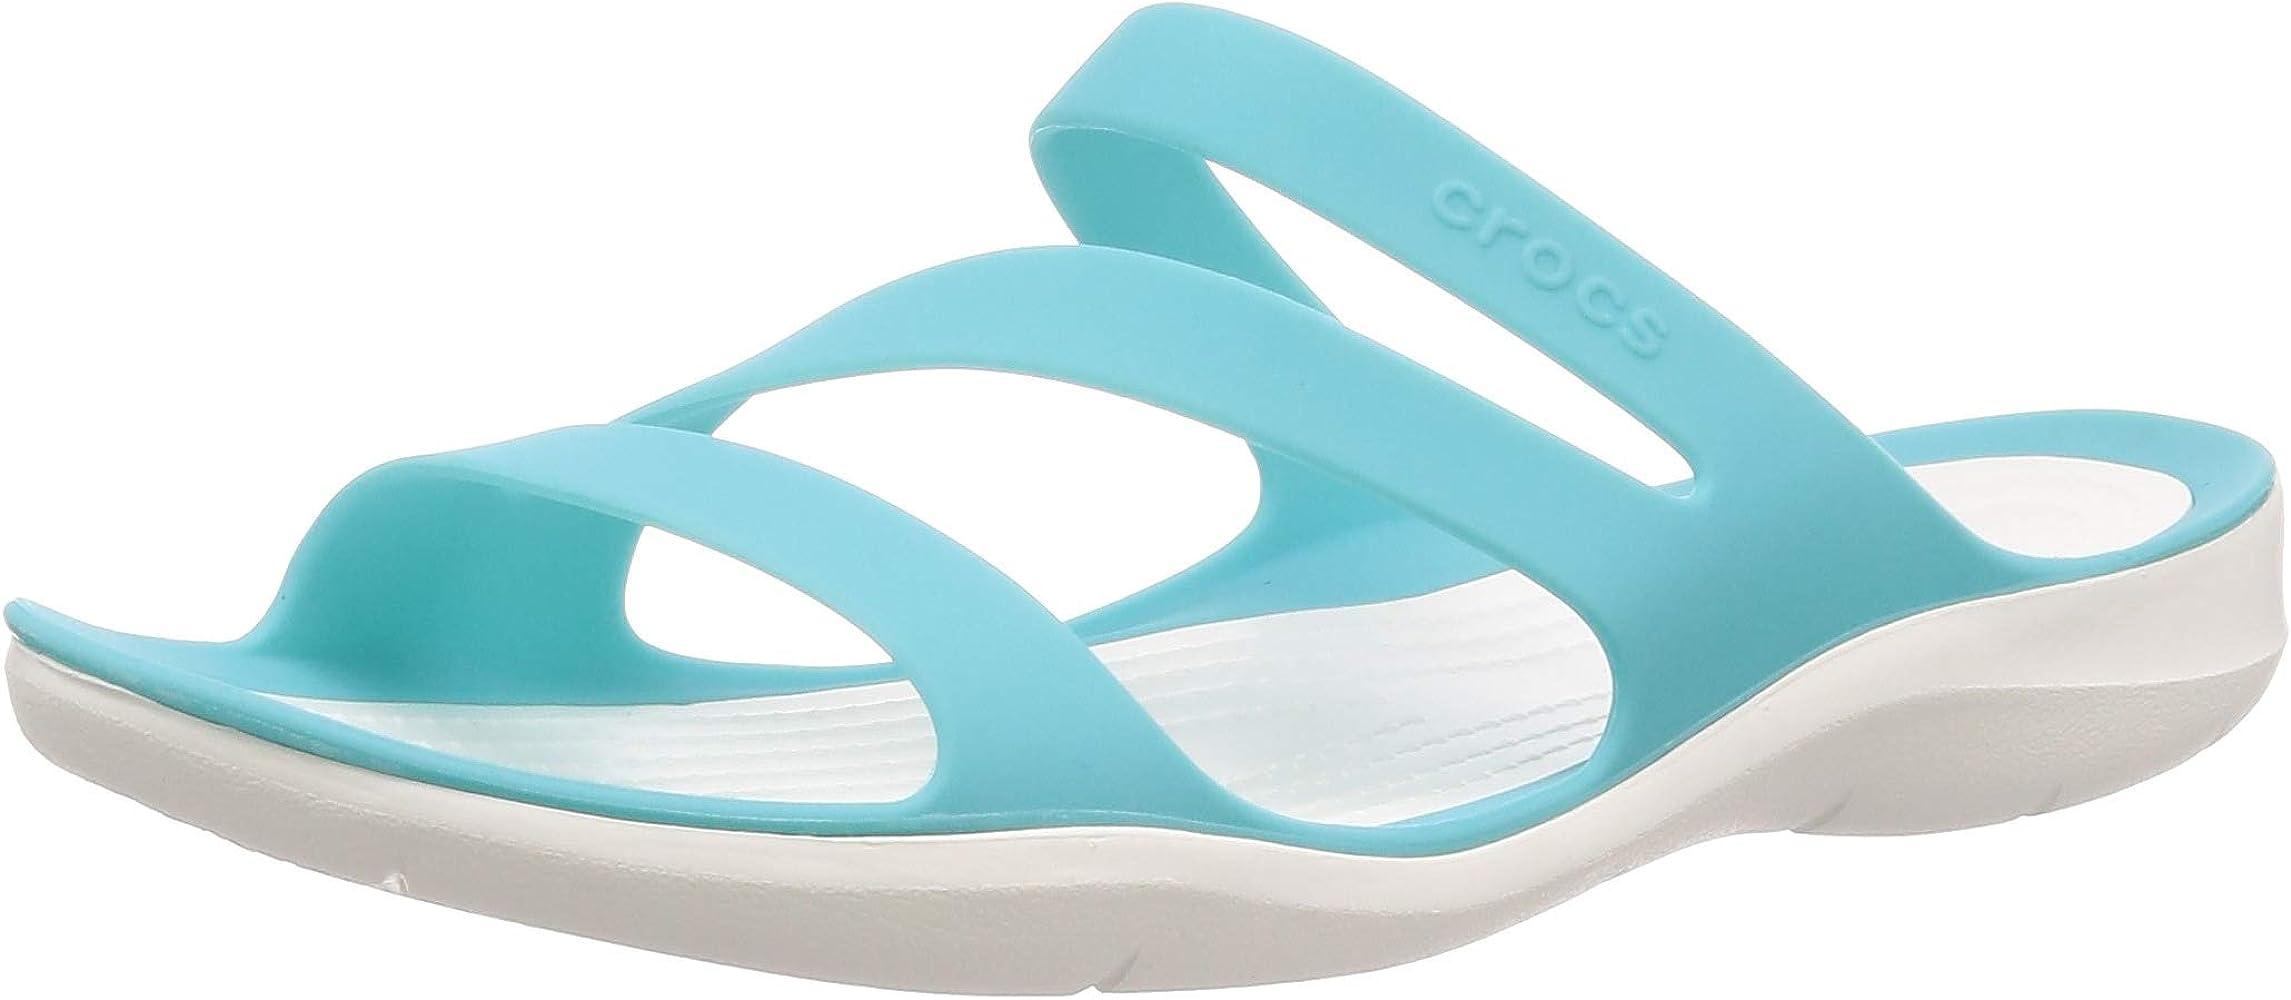 Womens Crocs Swiftwater Sandal Cut Out Lightweight Sea Summer Beach Shoe